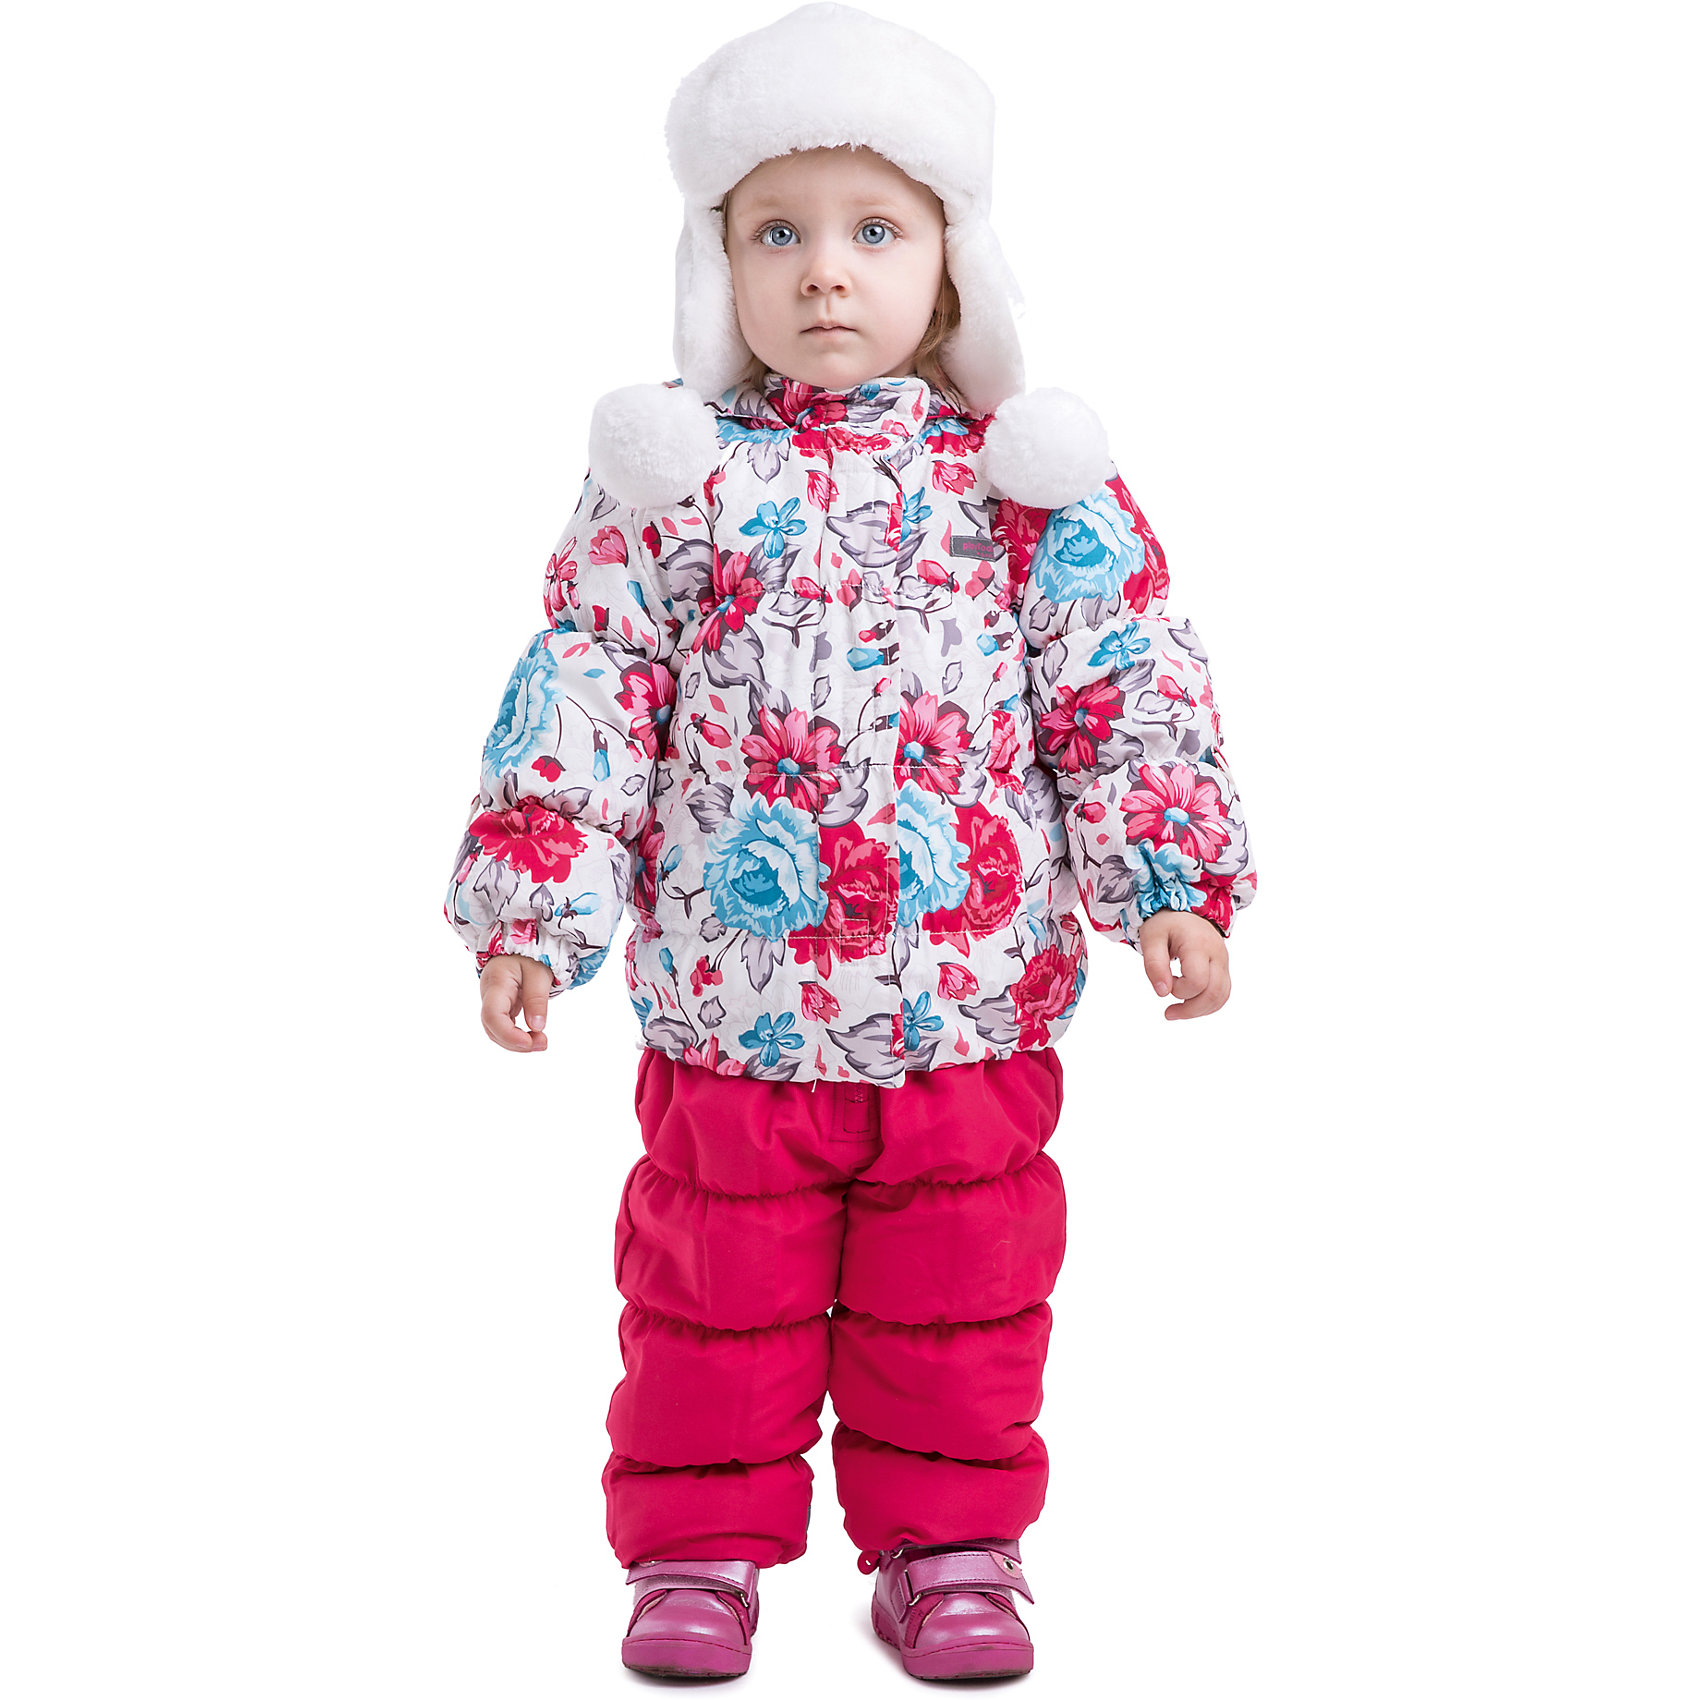 Комплект: куртка и полукомбинезон для девочки PlayTodayВерхняя одежда<br>Комплект: куртка и полукомбинезон для девочки PlayToday Комплект из куртки и полукомбинезона на холодную погоду из непромокаемой ткани. Дополнительно утеплен велюровой подкладкой. Капюшон отстёгивается. Карманы на липучках. Удобная молния, дополнительные застежки-липучки на куртке. Также есть дополнительная защита от ветра и снега как в спортивных куртках. Низ утягивается стопперами. Дополнительная трикотажная резинка на рукавах. Есть светоотражатели и специальные нашивки, чтобы можно было подписать владельца. Состав: Верх: 100% полиэстер, подкладка: 80% хлопок, 20% полиэстер, Утеплитель 100% полиэстер<br><br>Ширина мм: 190<br>Глубина мм: 74<br>Высота мм: 229<br>Вес г: 236<br>Цвет: розовый<br>Возраст от месяцев: 6<br>Возраст до месяцев: 9<br>Пол: Женский<br>Возраст: Детский<br>Размер: 74,86,80,92<br>SKU: 4229330